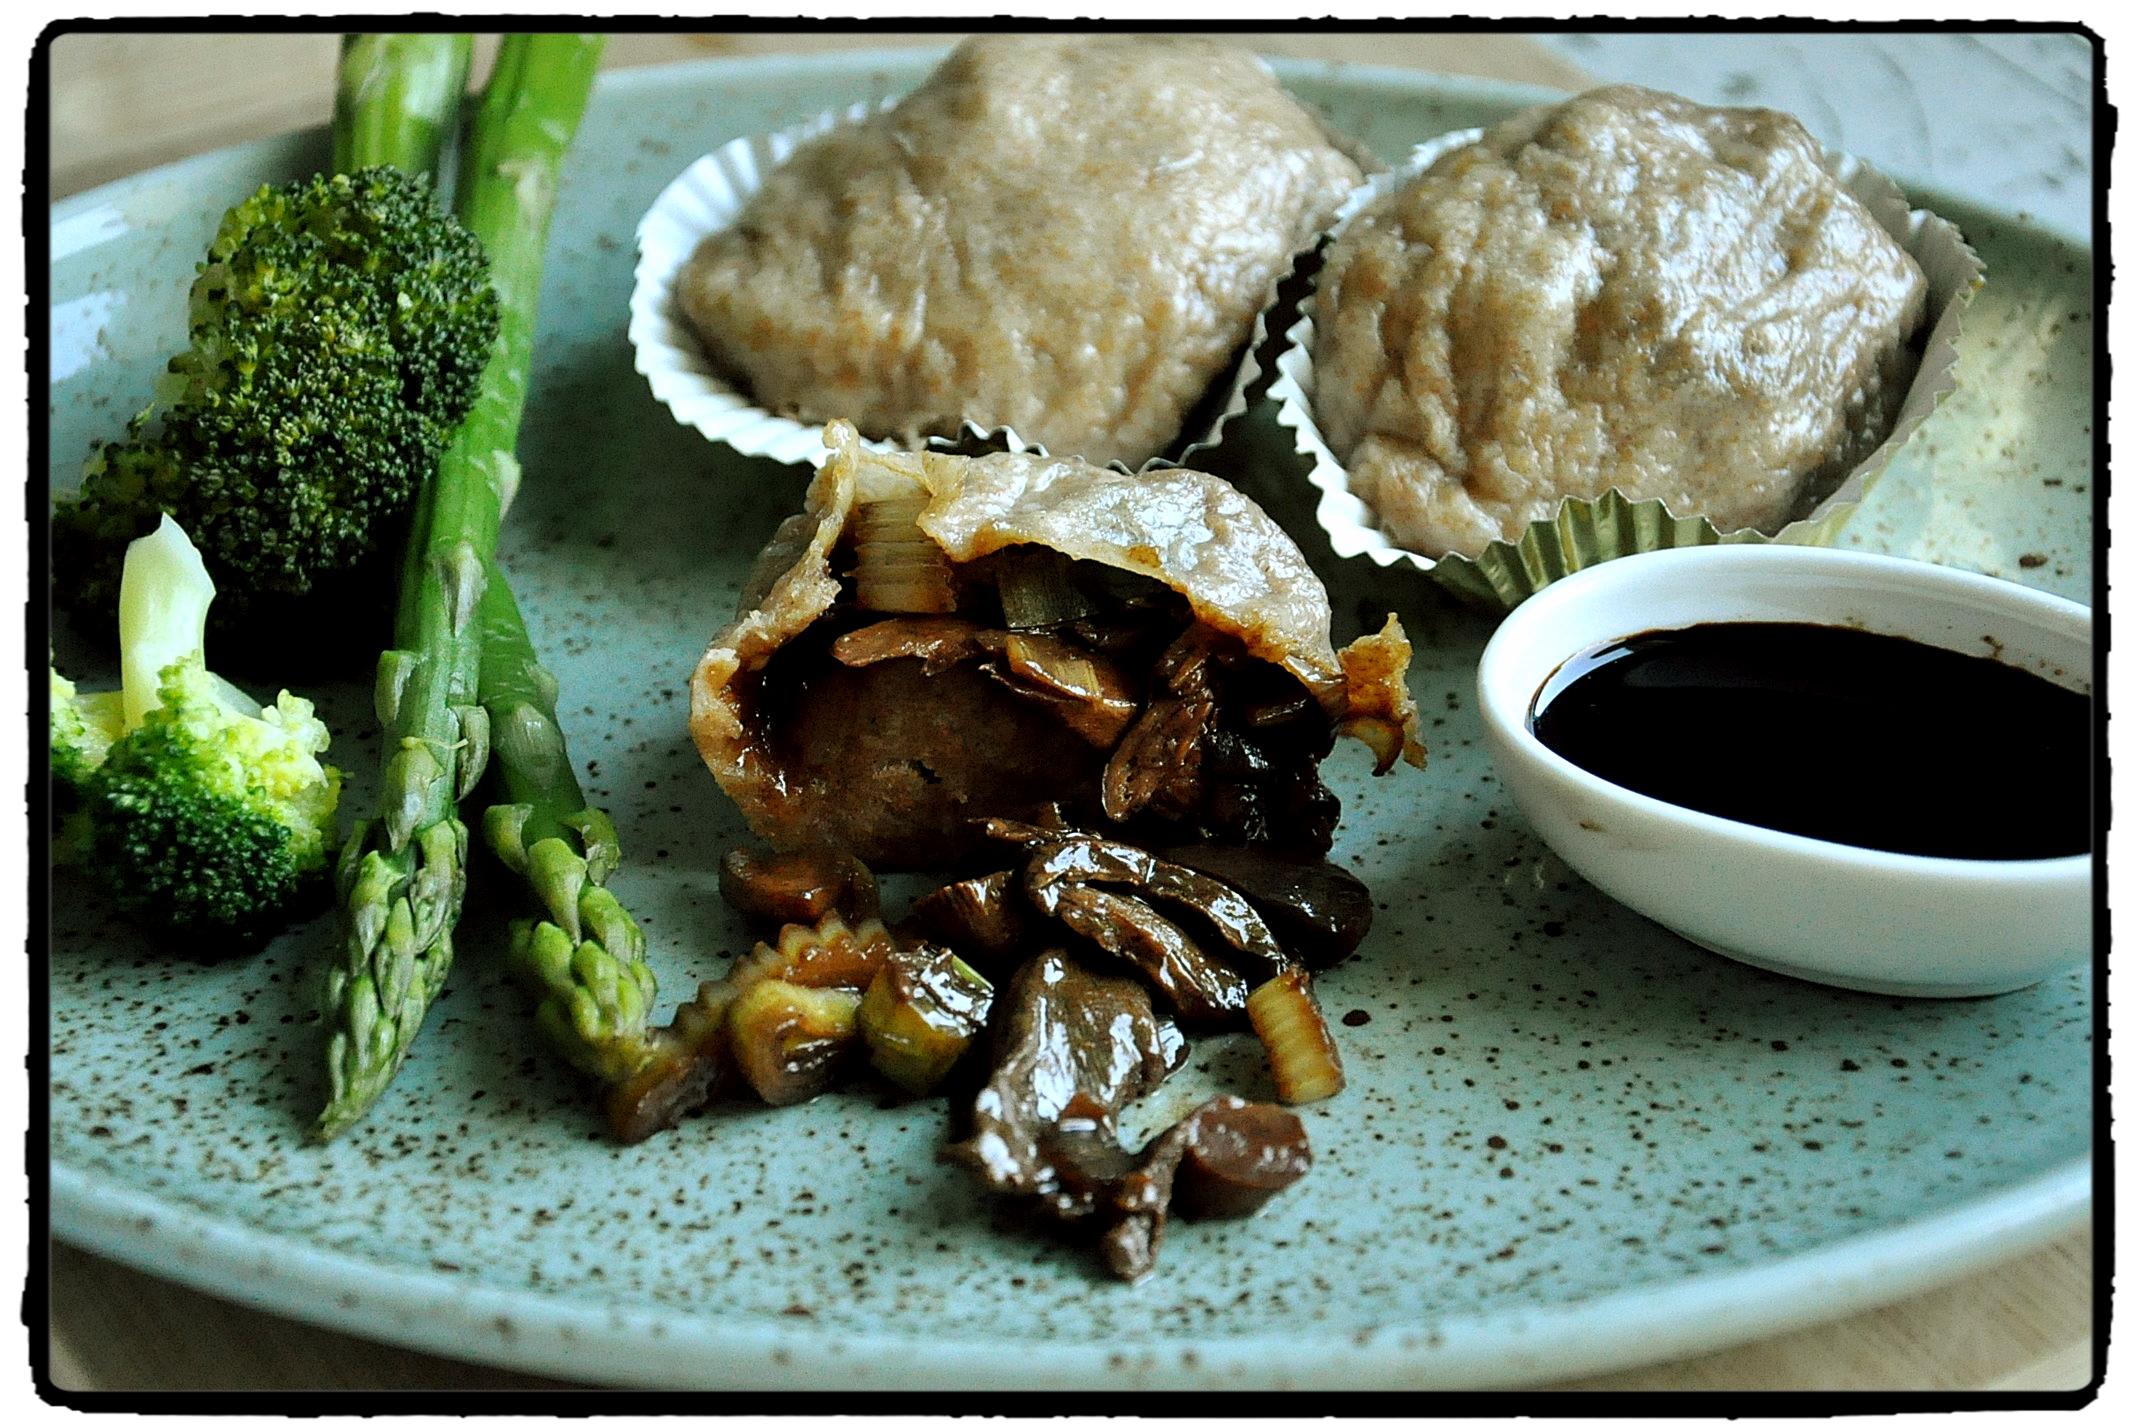 mushroom, asparagus, celorznné, hríby, sójová omáčka, soy sauce